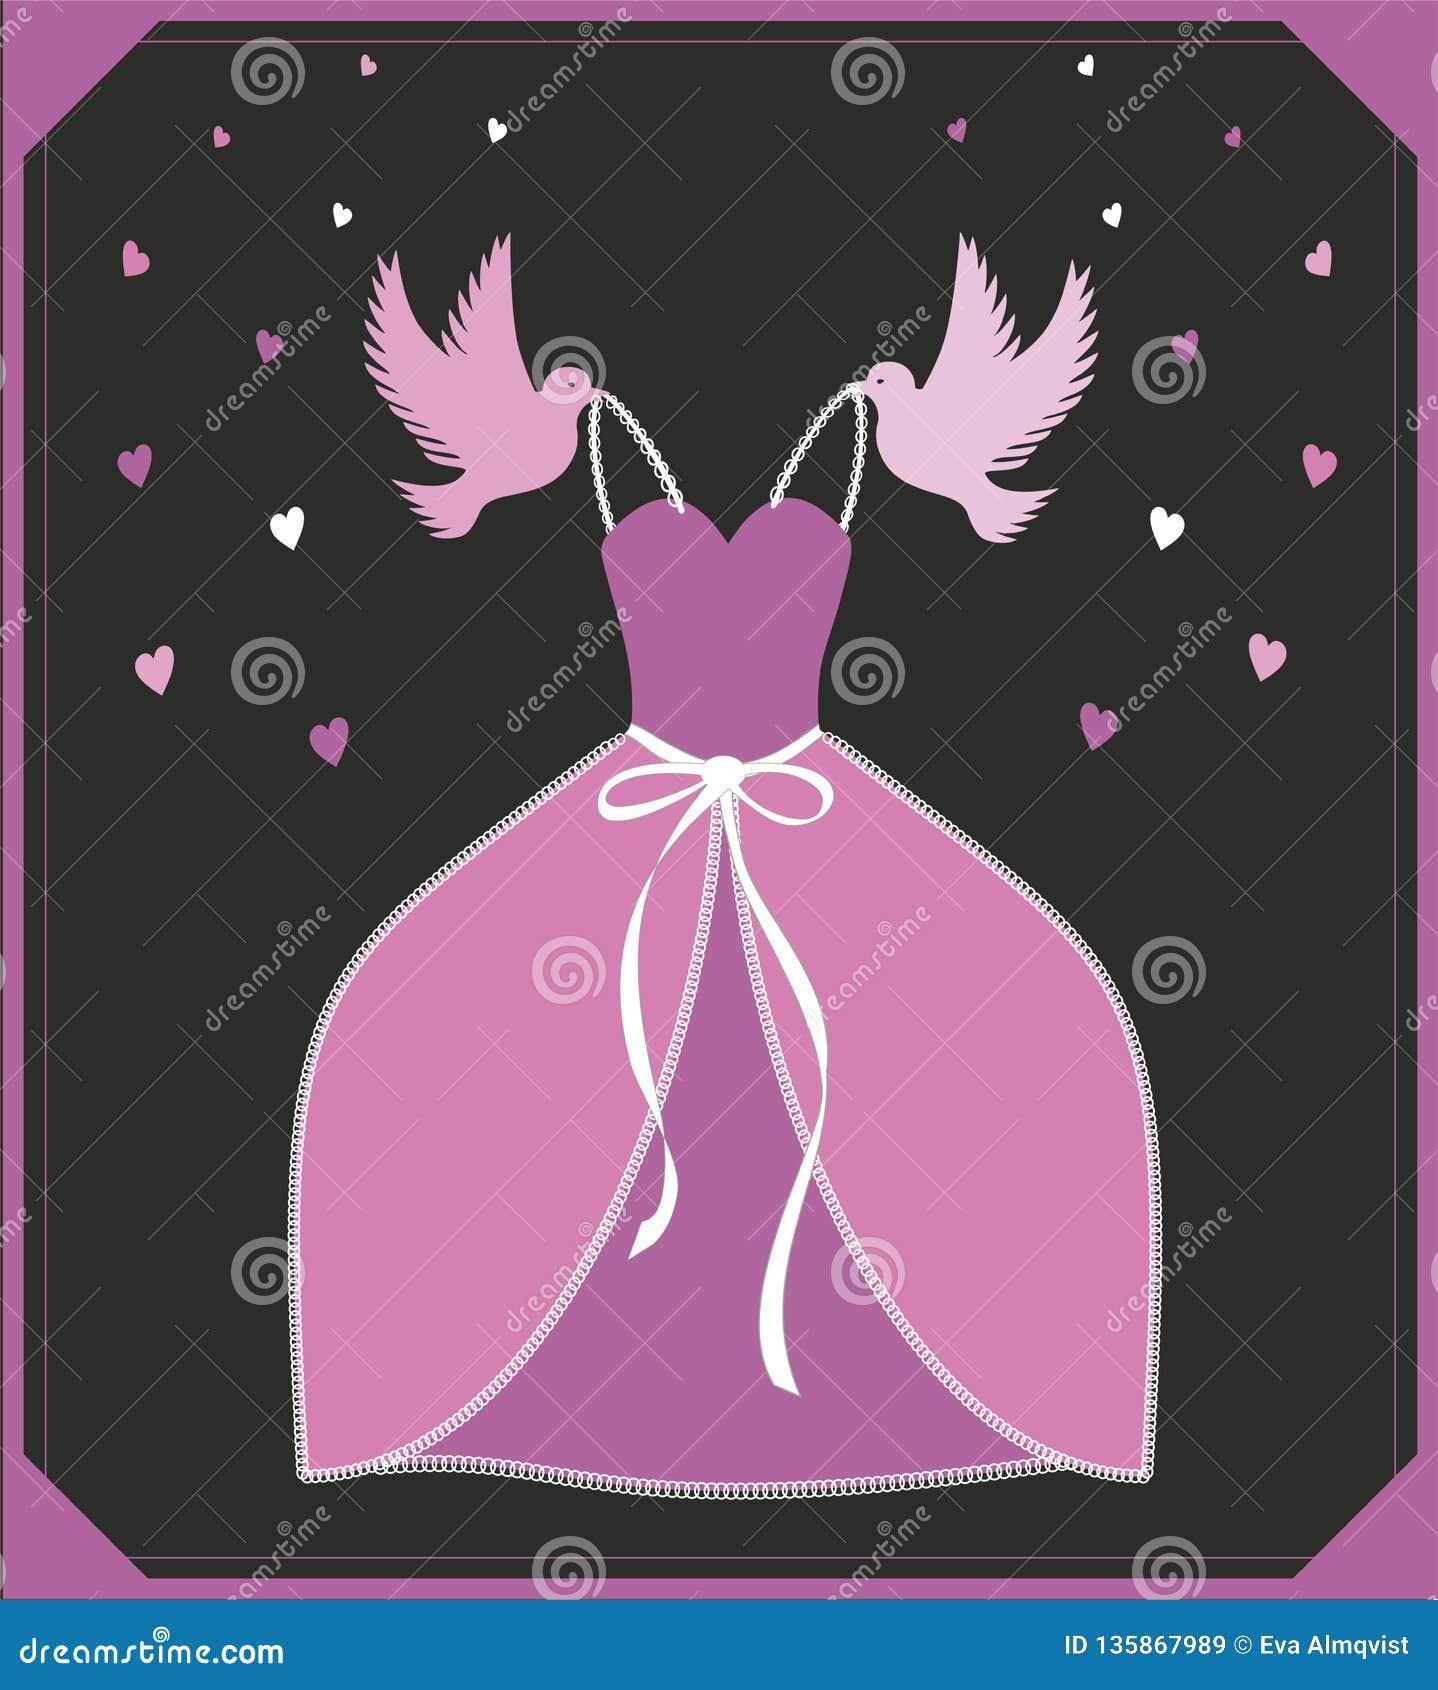 Cinderella Dresses Stock Vector Illustration Of Isolated: Vector Illustration Pink Dress. Sign Or Poster For Shop